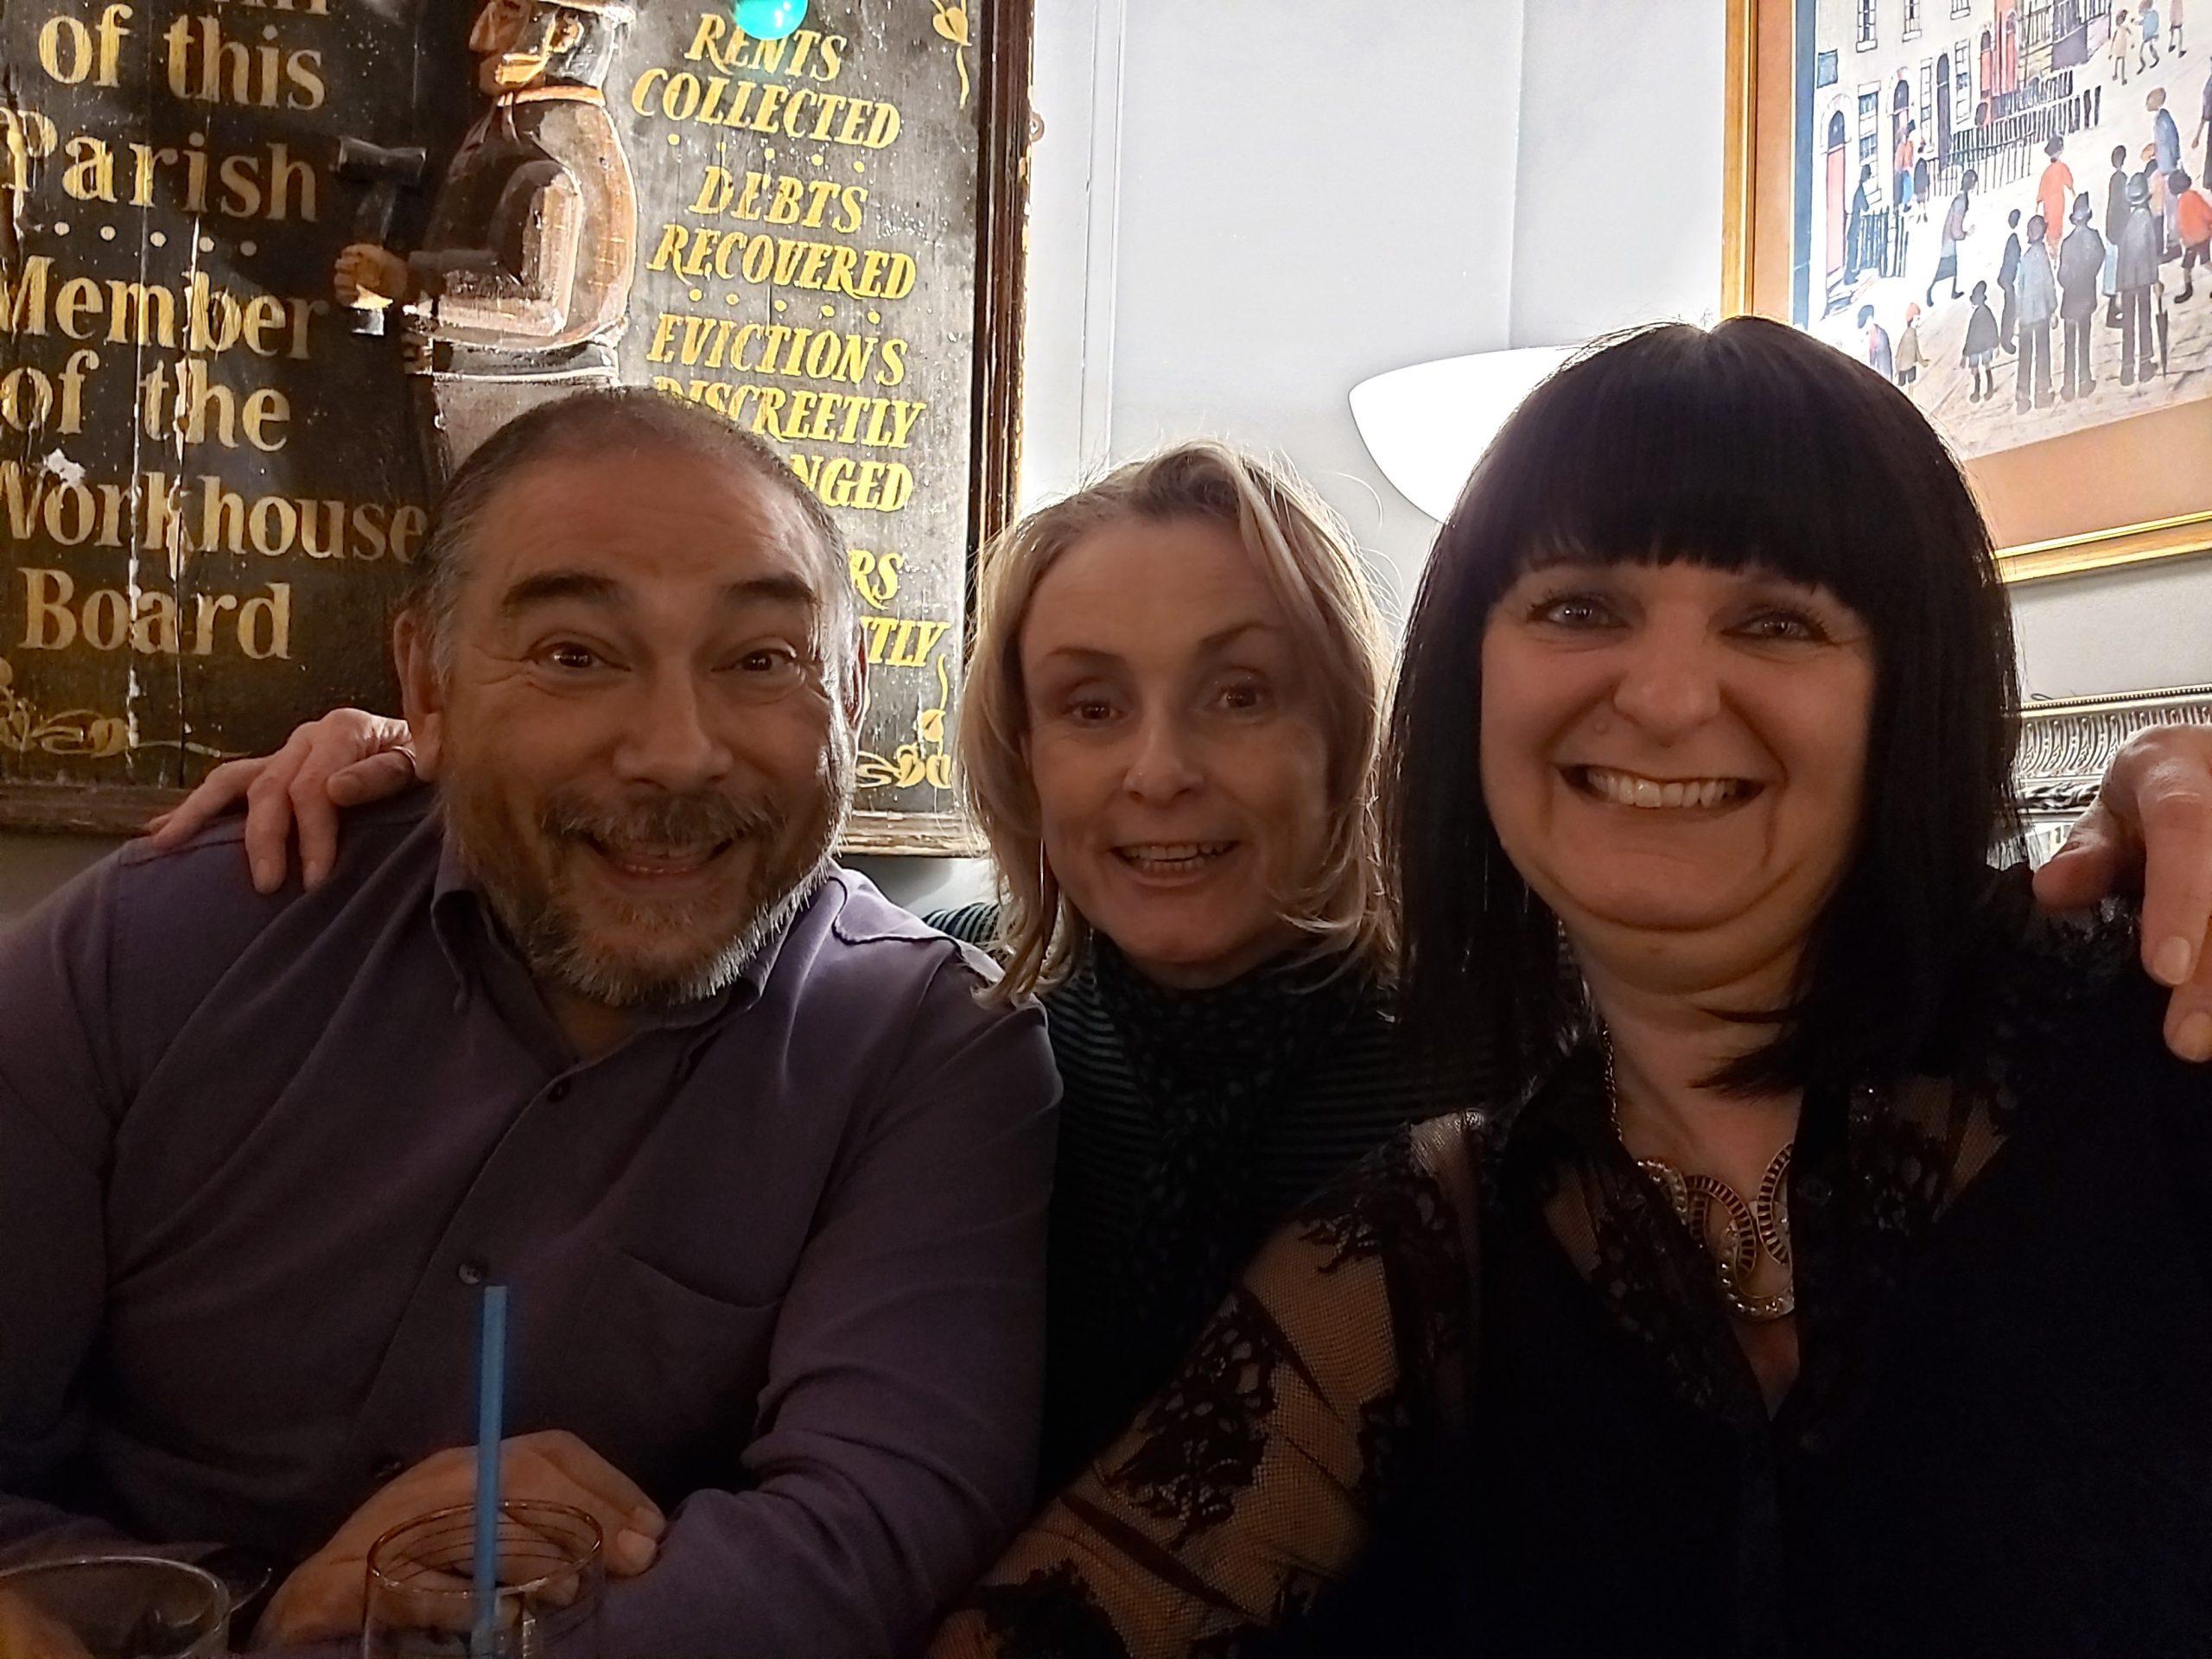 John, Karen and Deborah